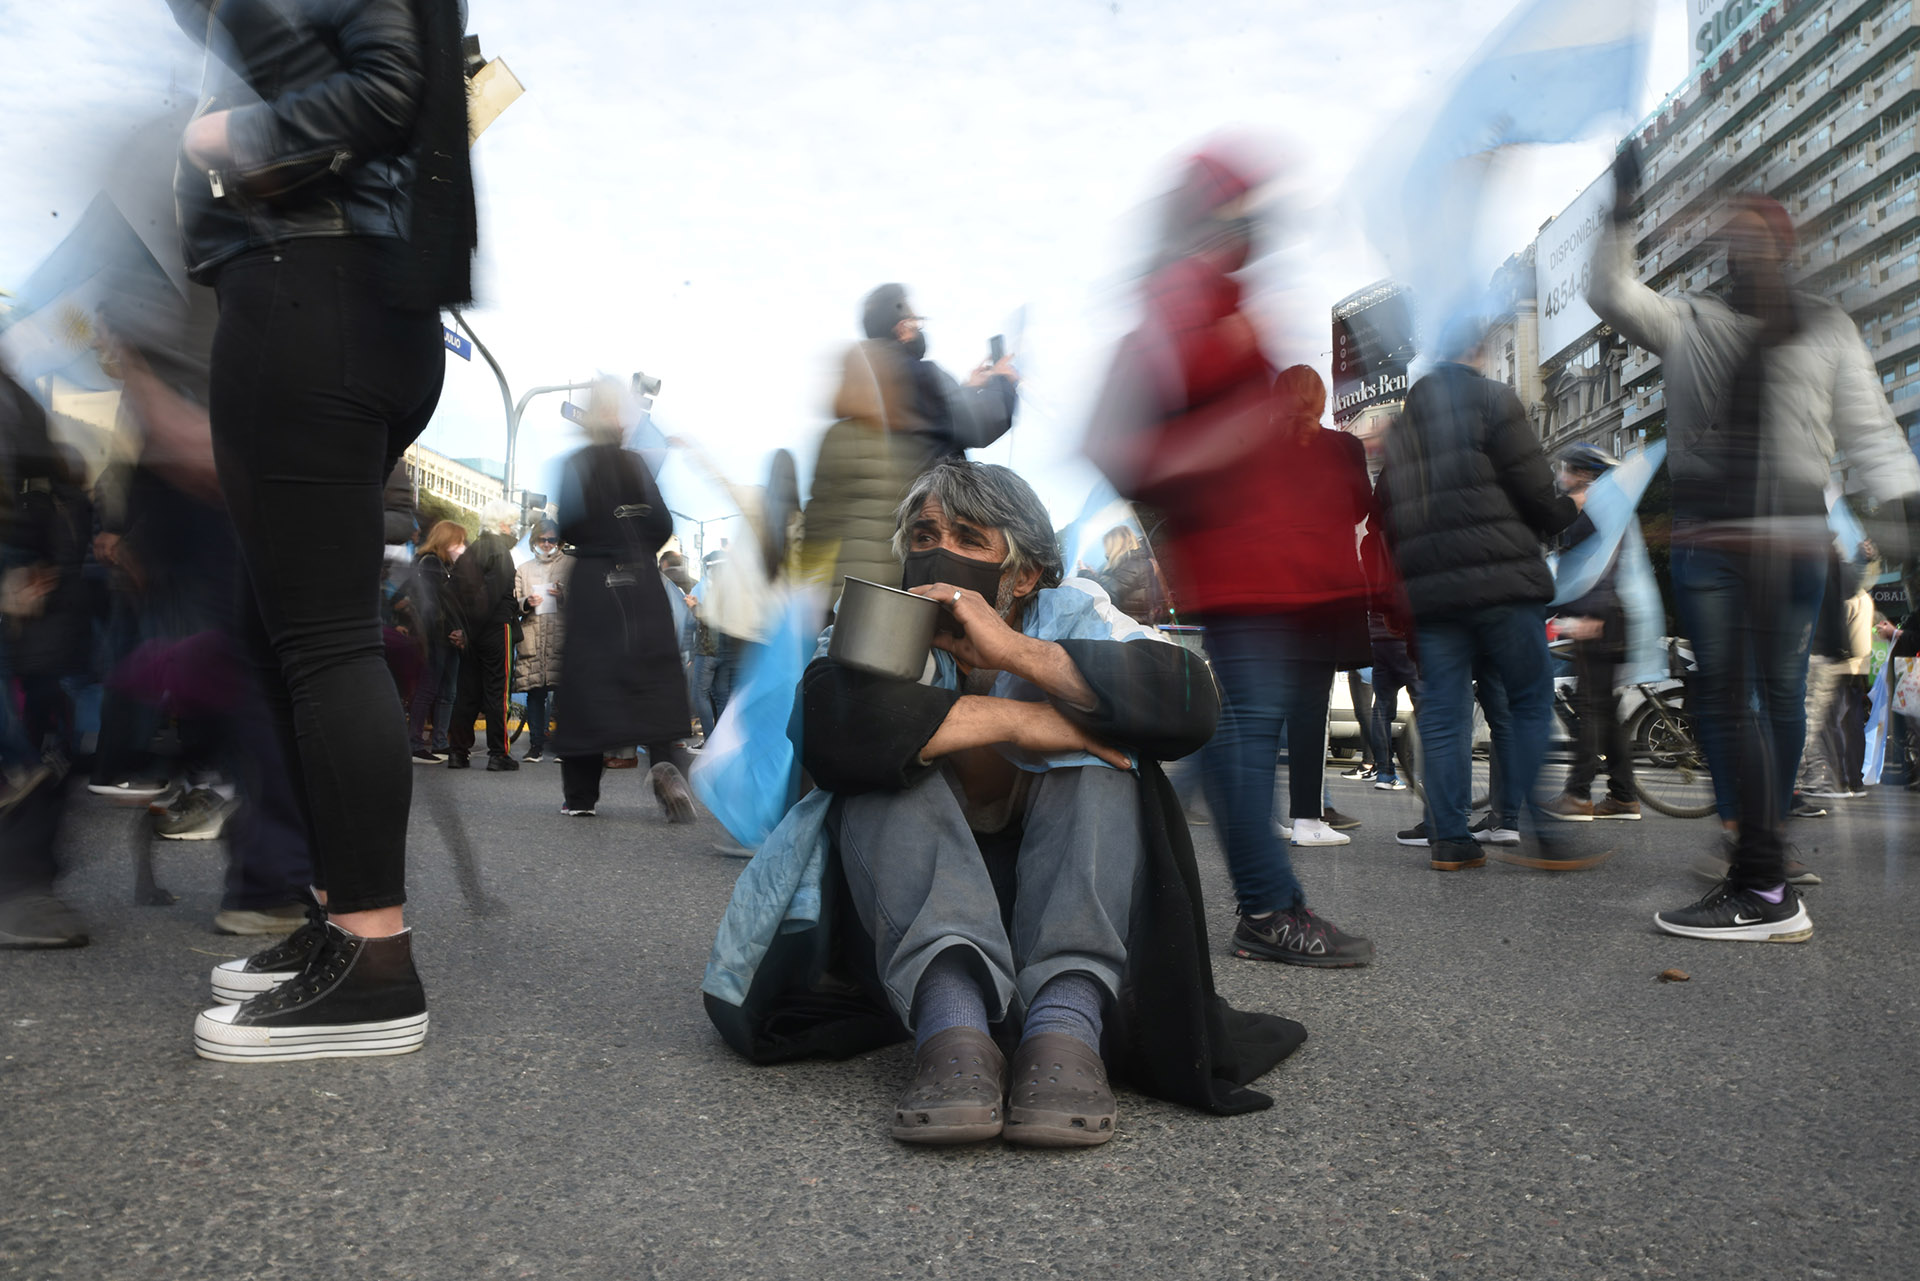 Un hombre pide limosna en el medio de la protesta